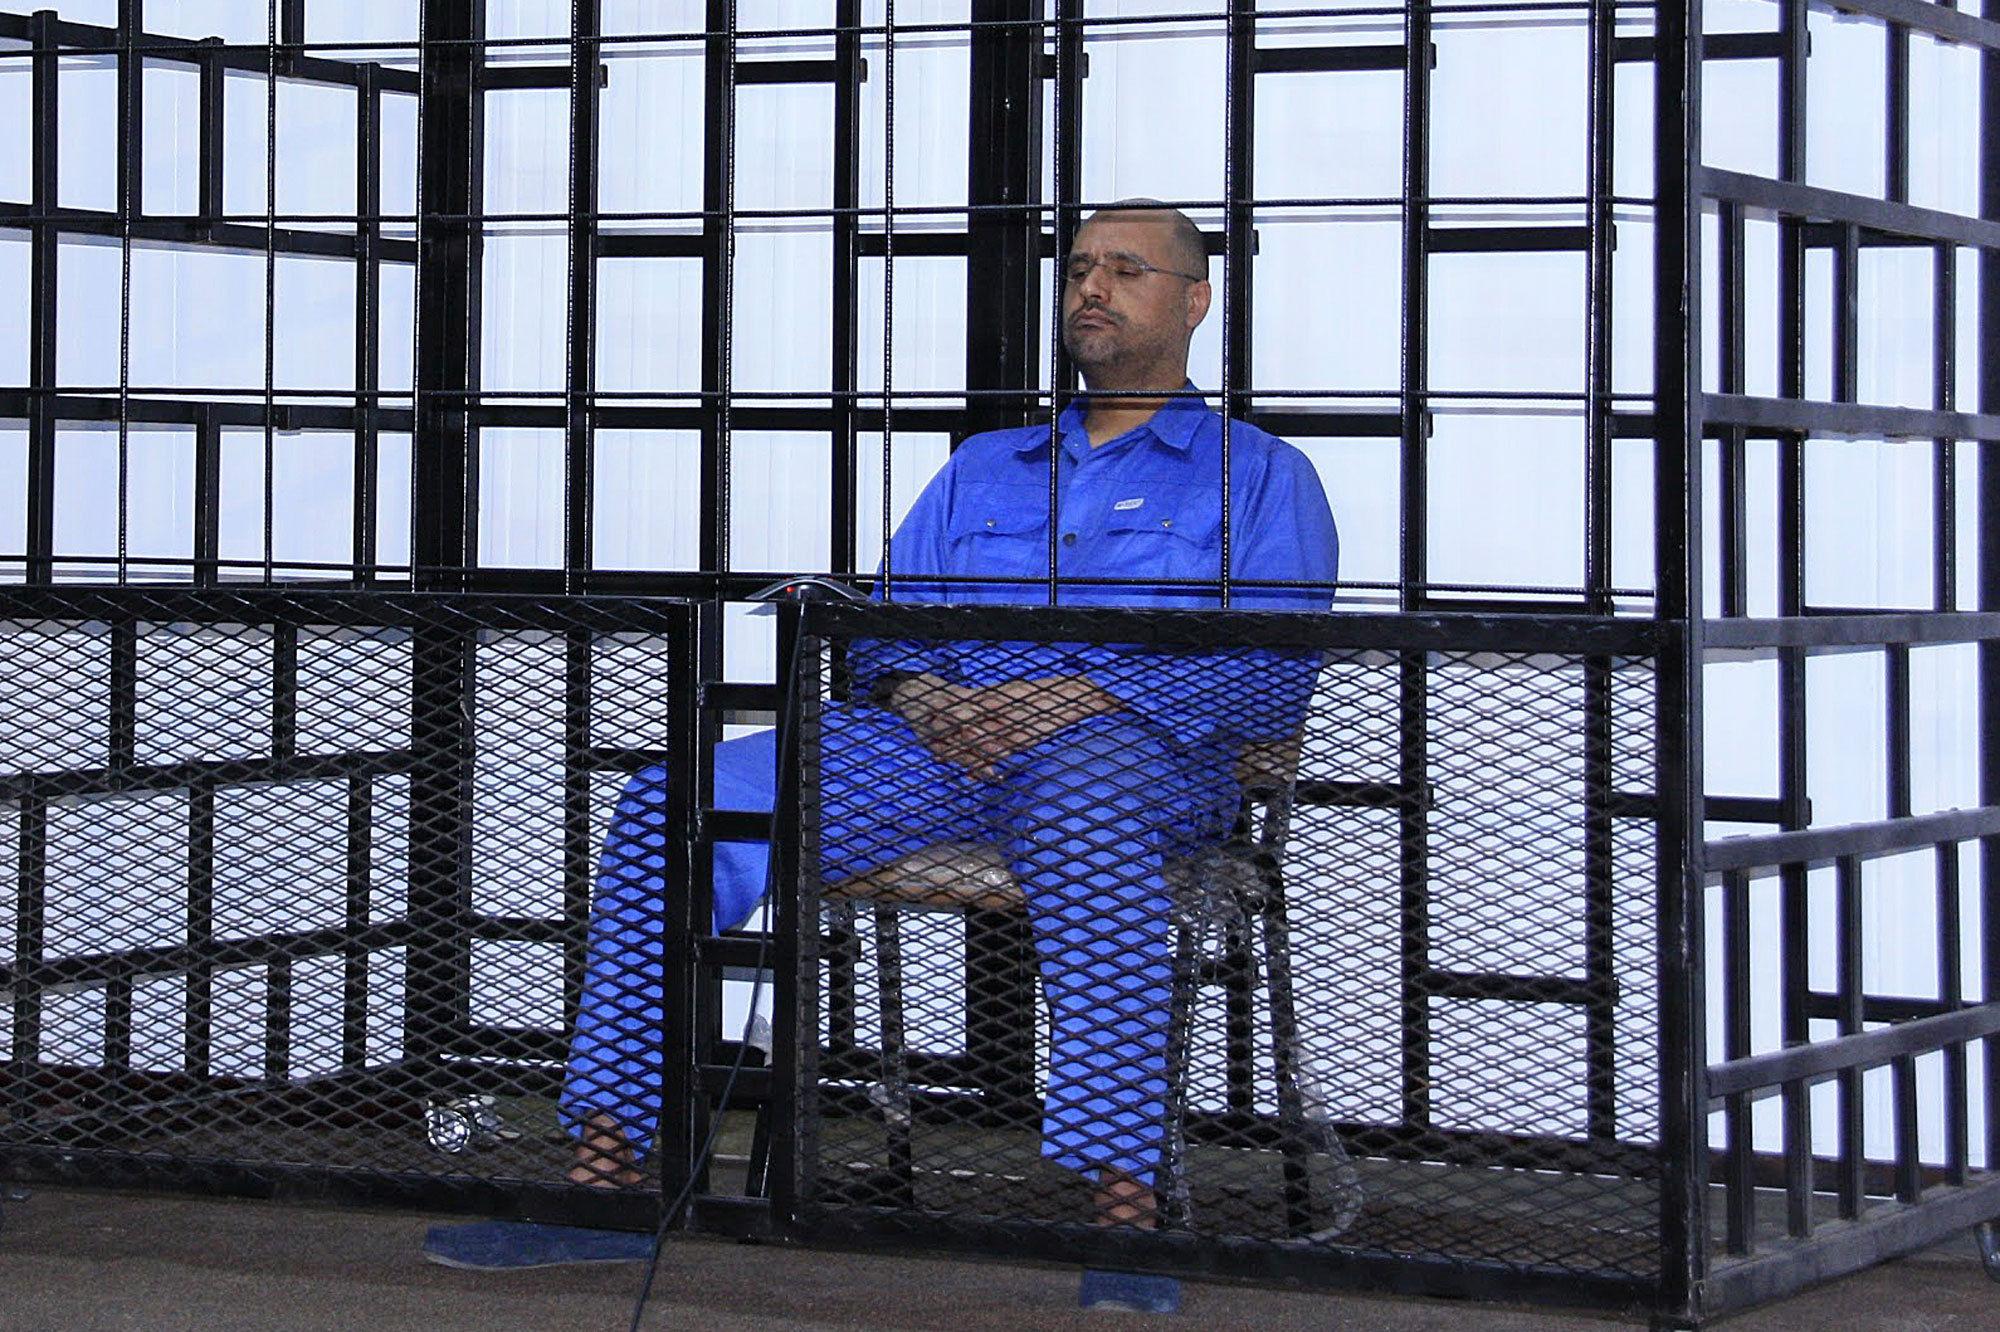 L'ONU recommande de remettre Seif al-Islam Kadhafi à la CPI